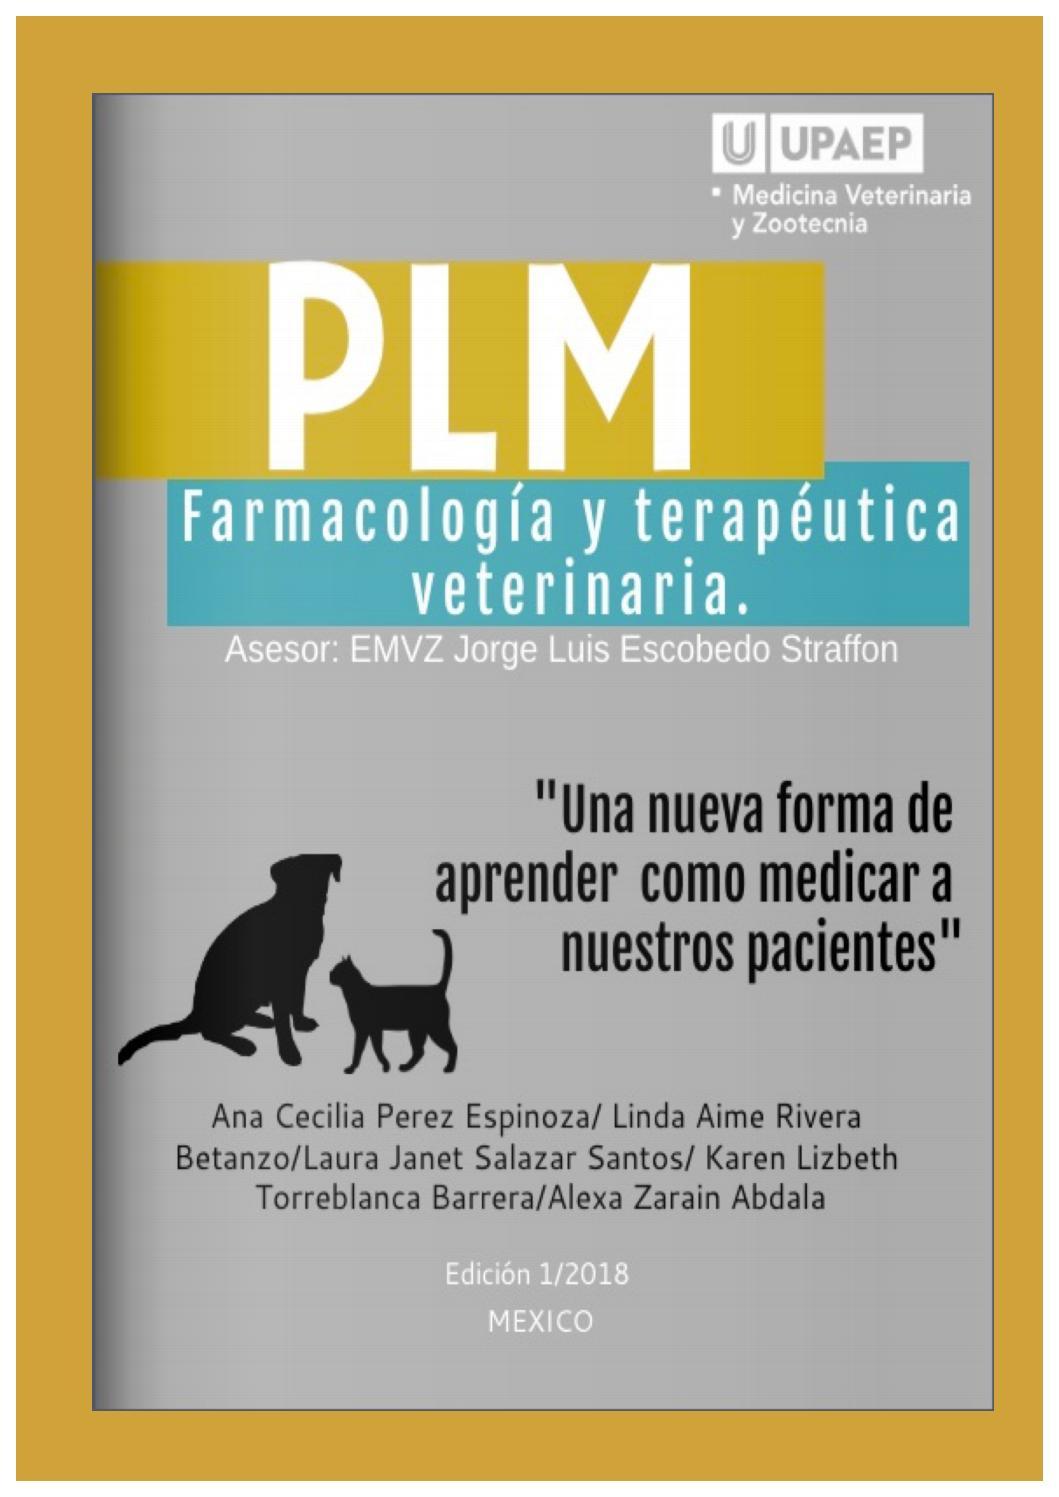 Plm Final Farmacologia Y Terapeutica Vet By Ana Ceci Perez